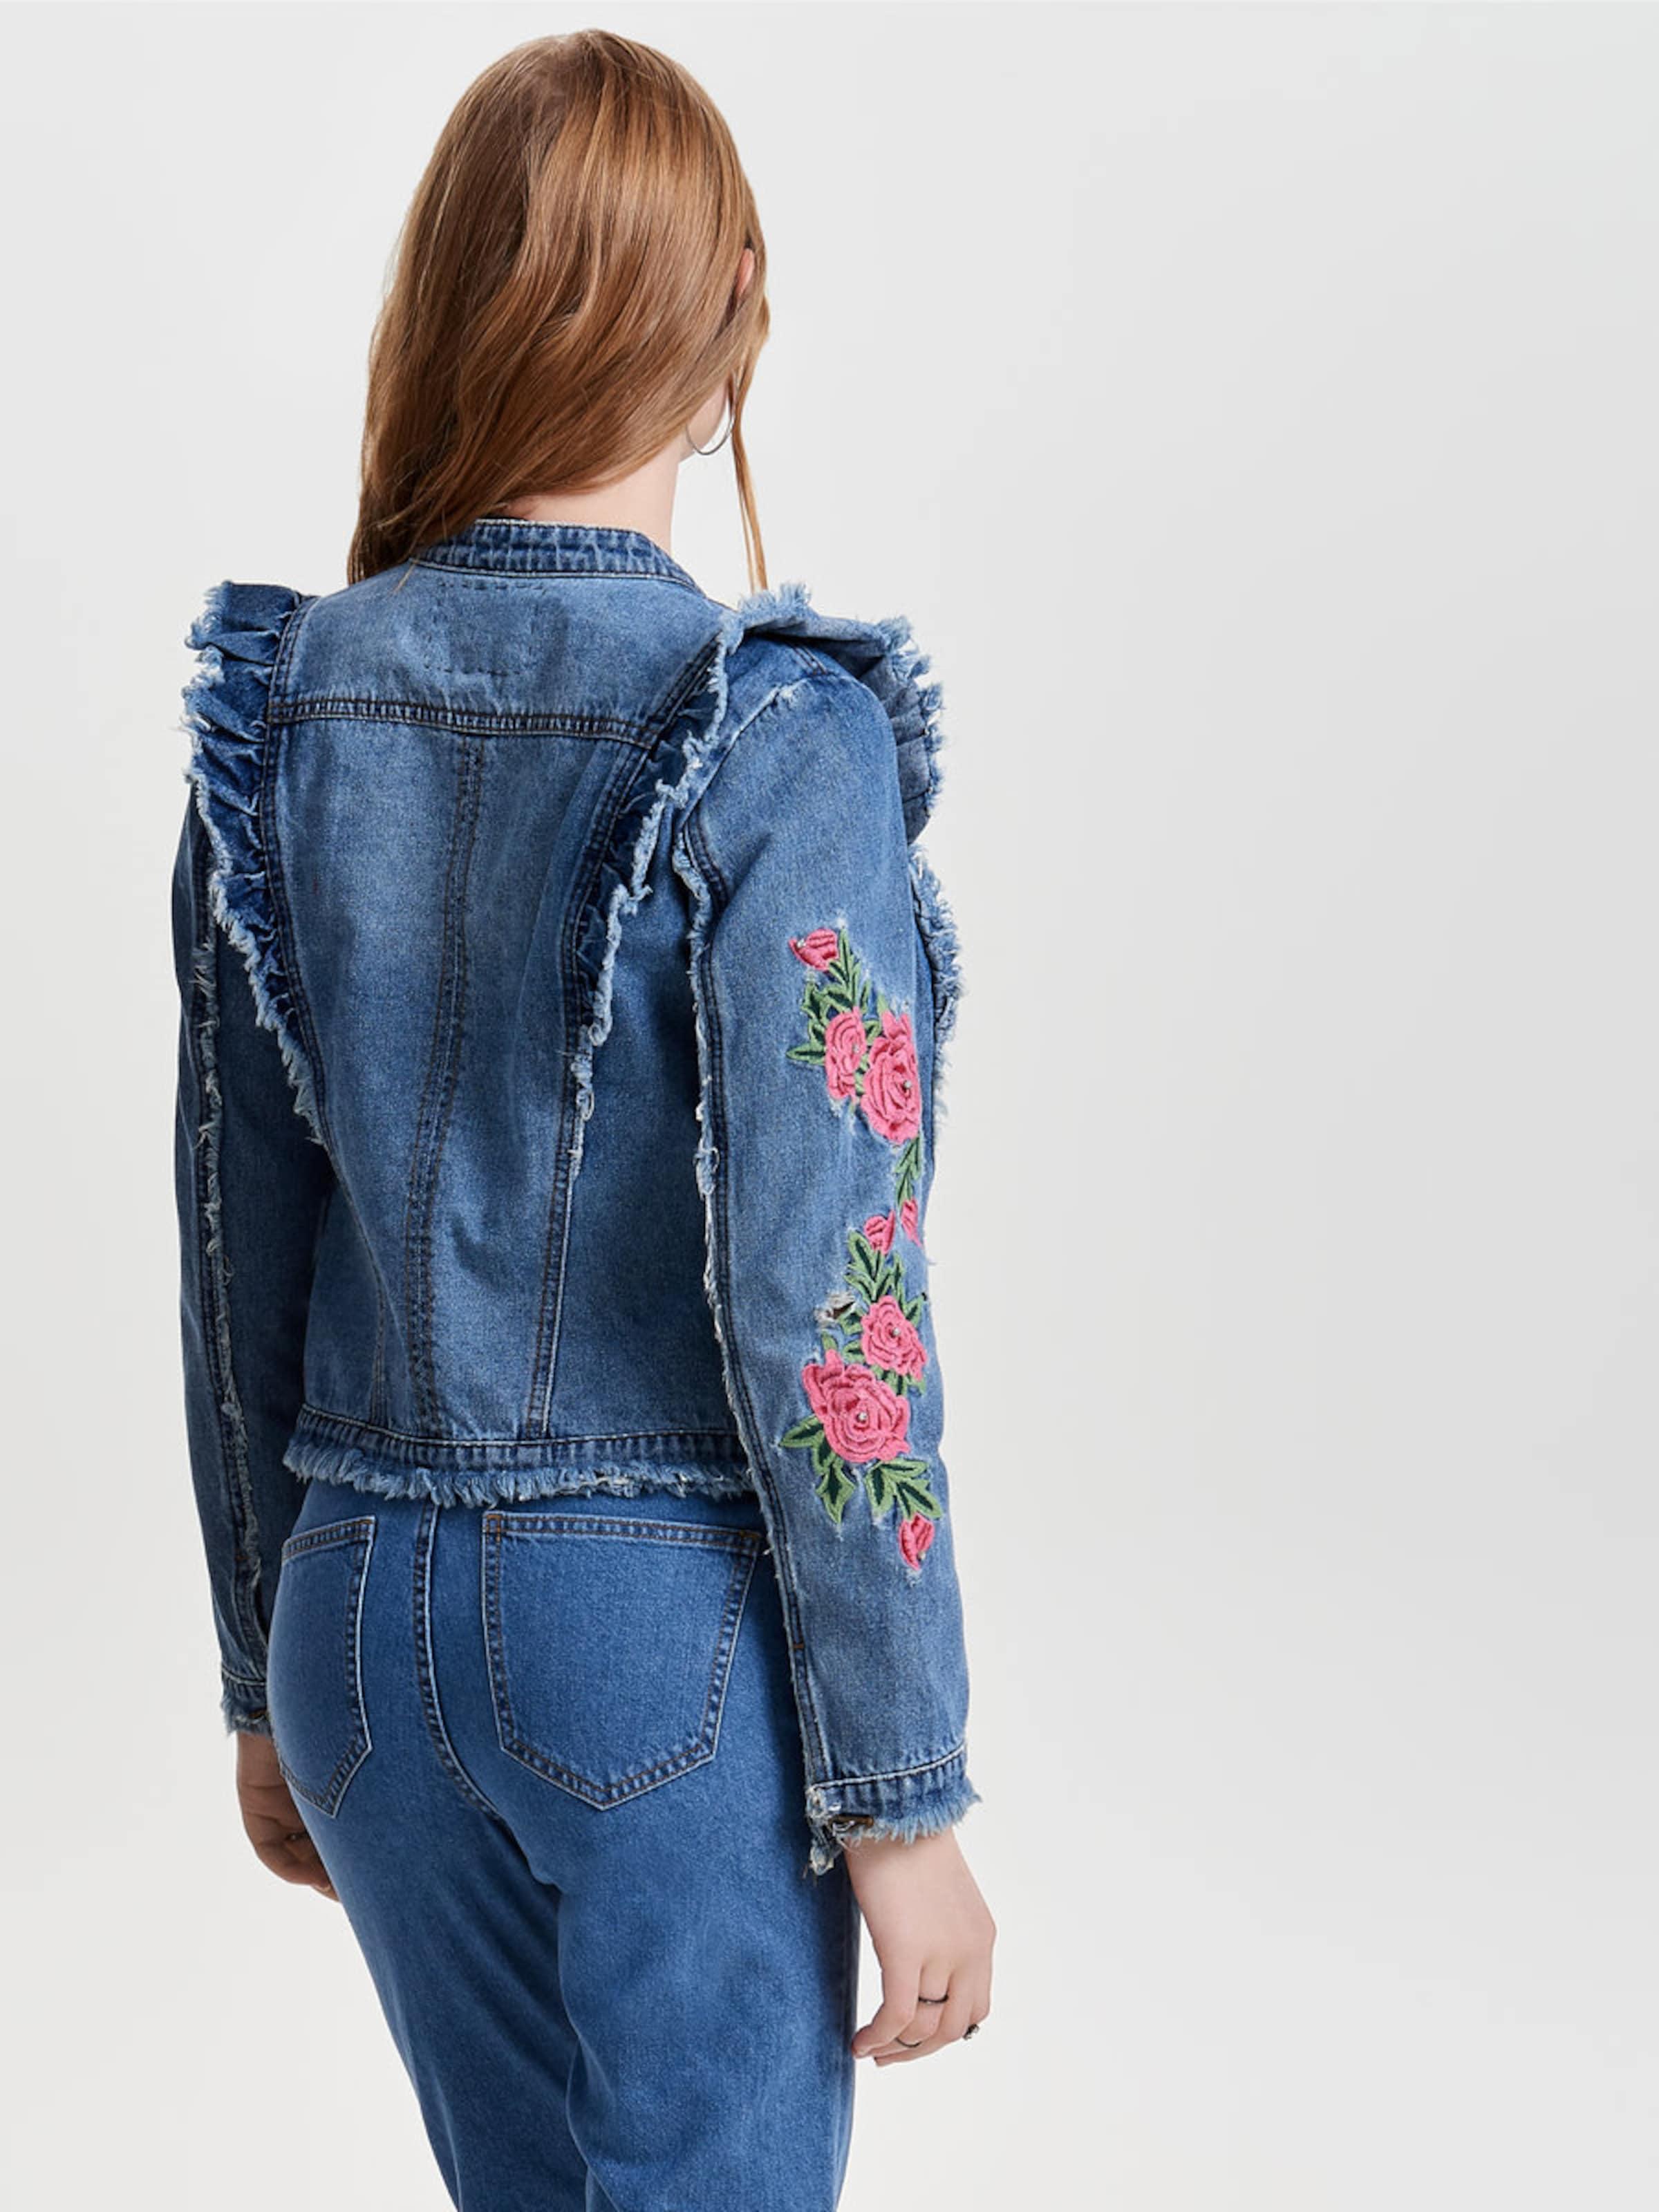 ONLY Jeansjacke Verkauf Ausgezeichnet Billig Rabatt Authentische Online WzznMoTp